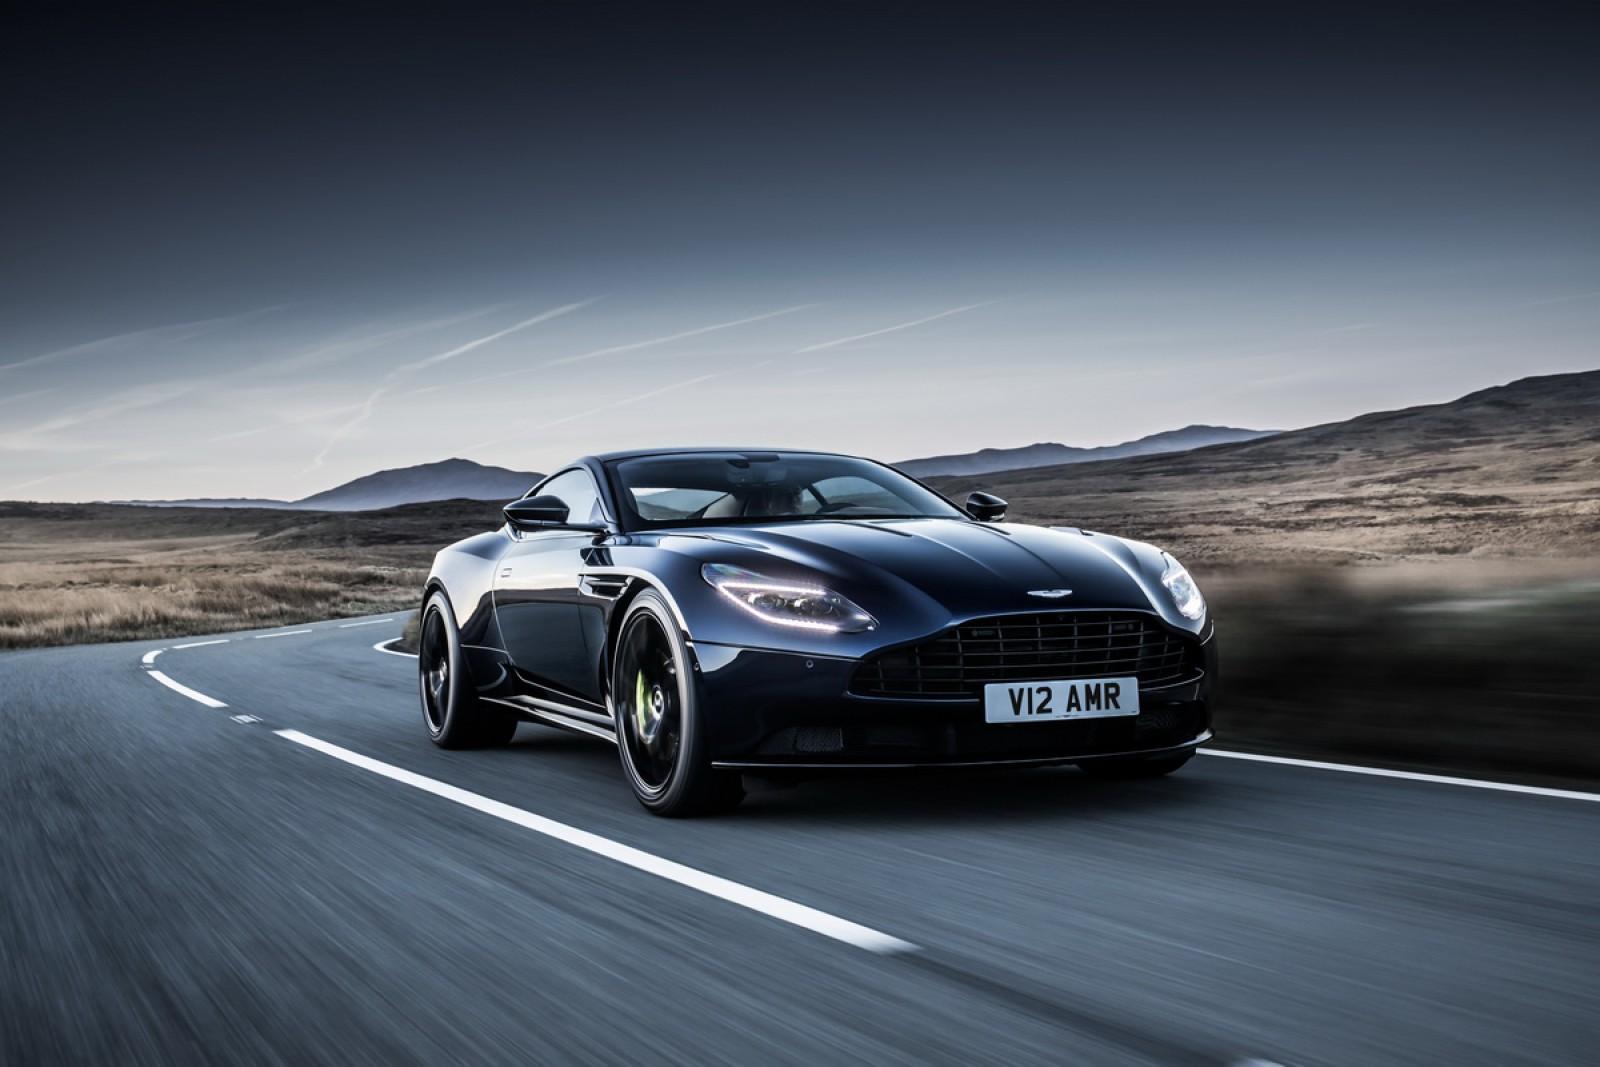 (video) Premieră! Aston Martin înlocuieşte modelul original DB11 cu noul gran turismo DB11 AMR